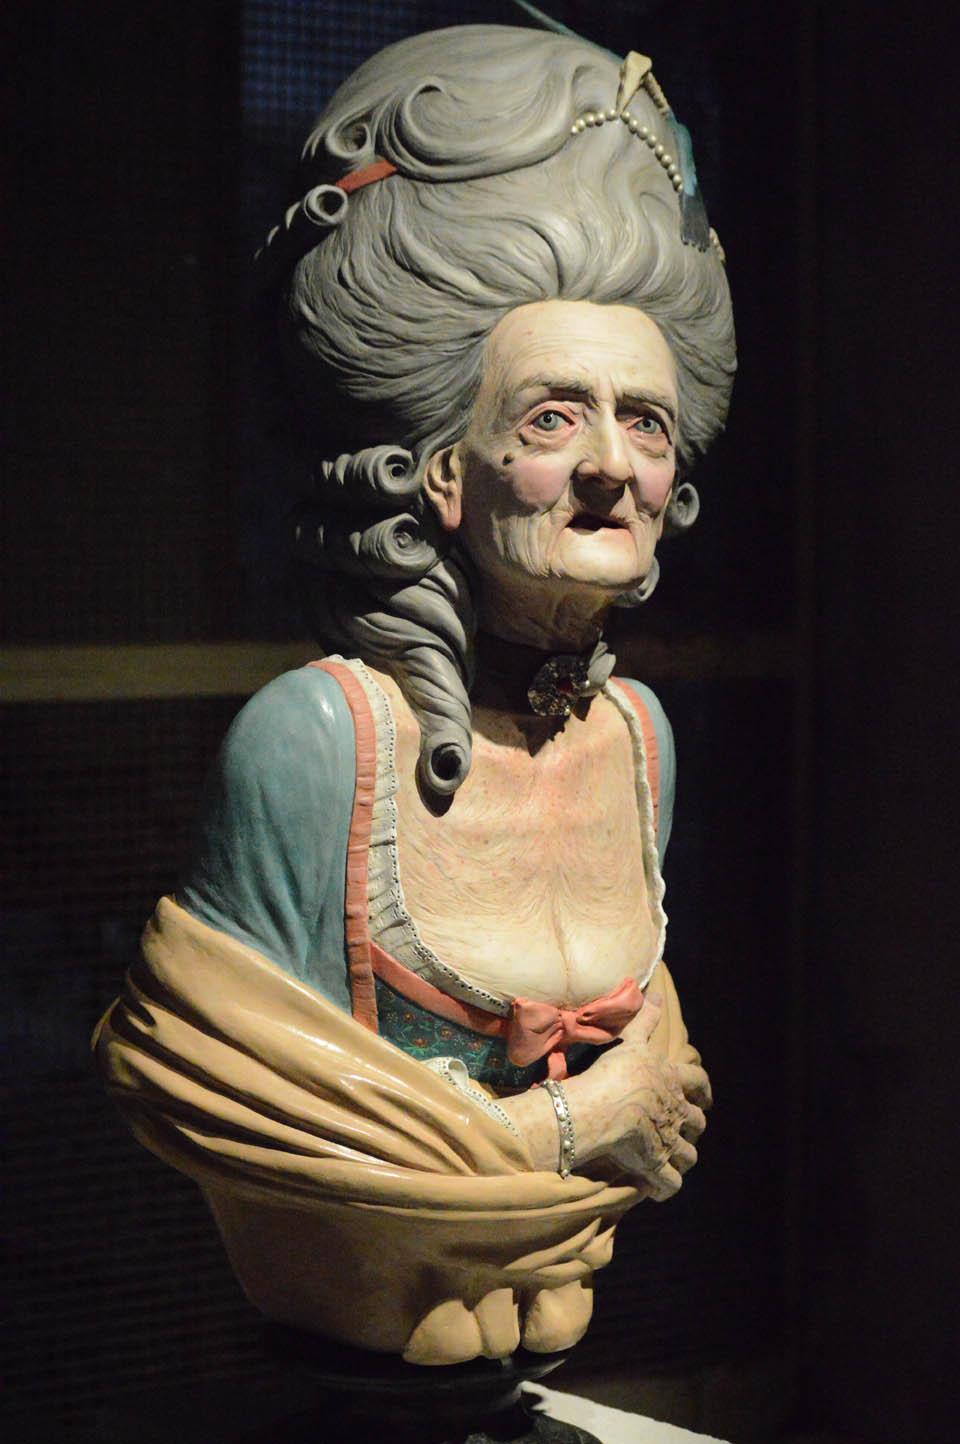 Lucio Fontana, Testa di donna, ceramica policroma, 1950, 18x21x16 cm